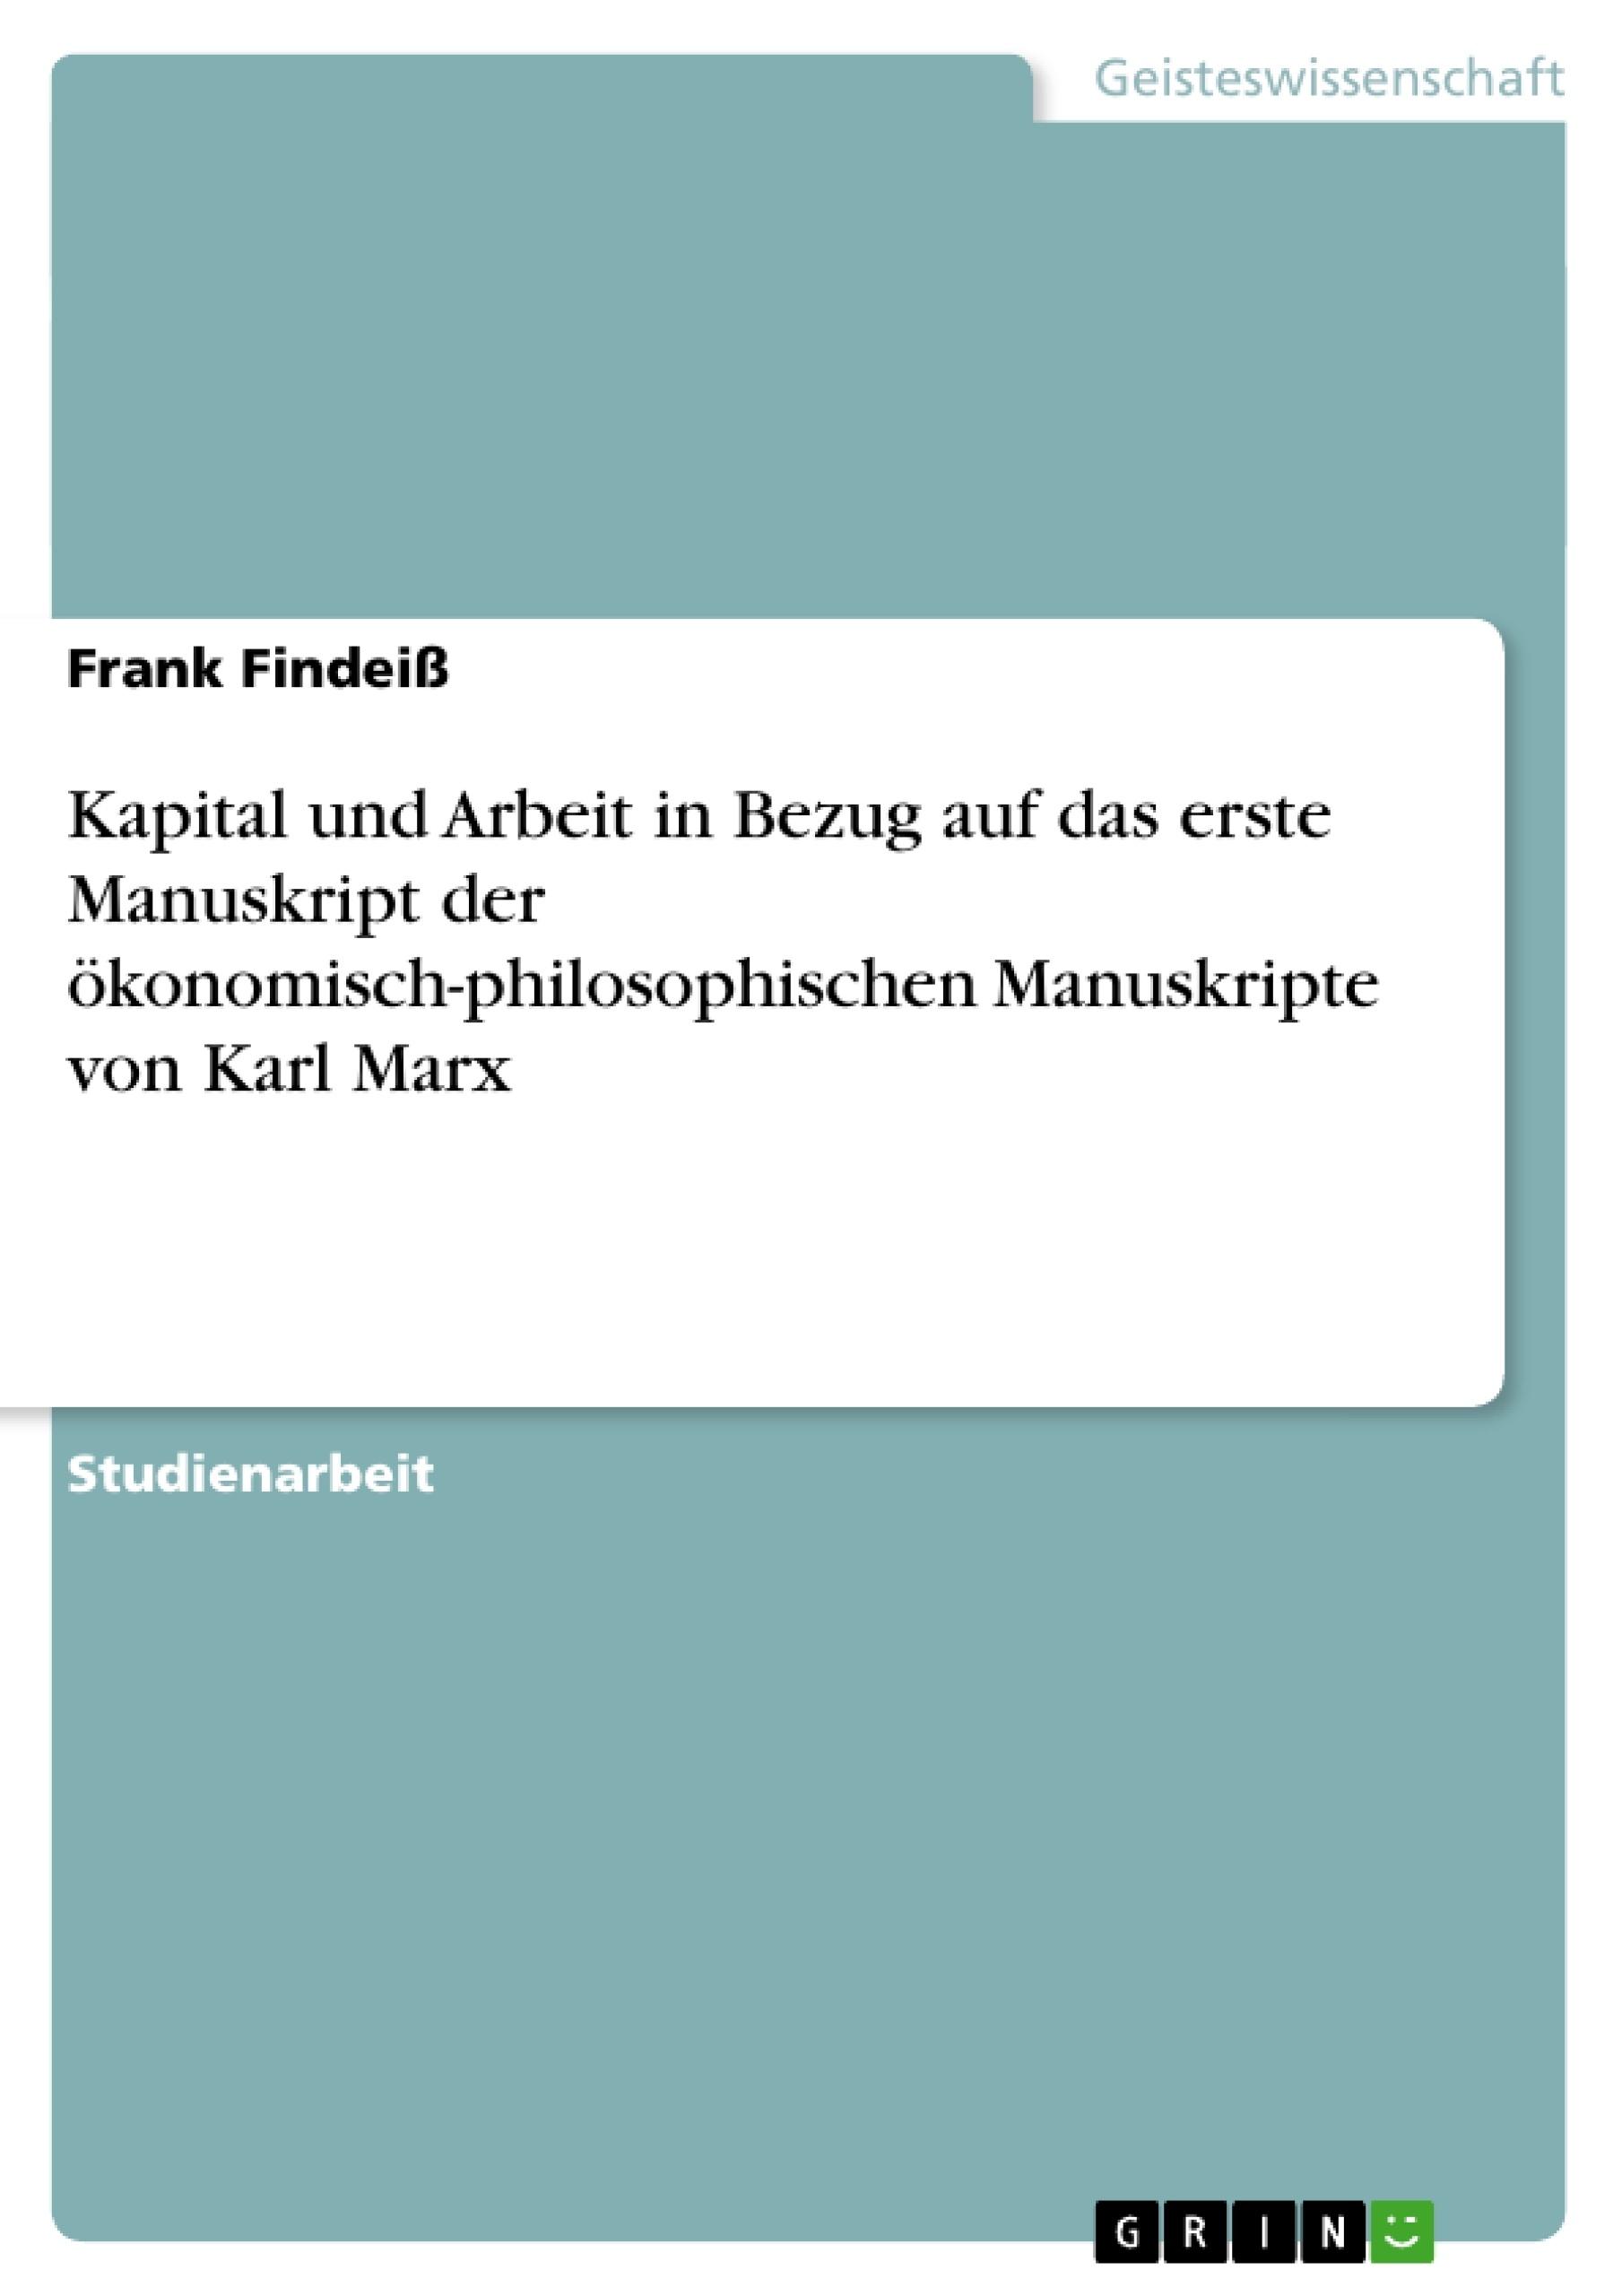 Titel: Kapital und Arbeit in Bezug auf das erste Manuskript der ökonomisch-philosophischen Manuskripte von Karl Marx